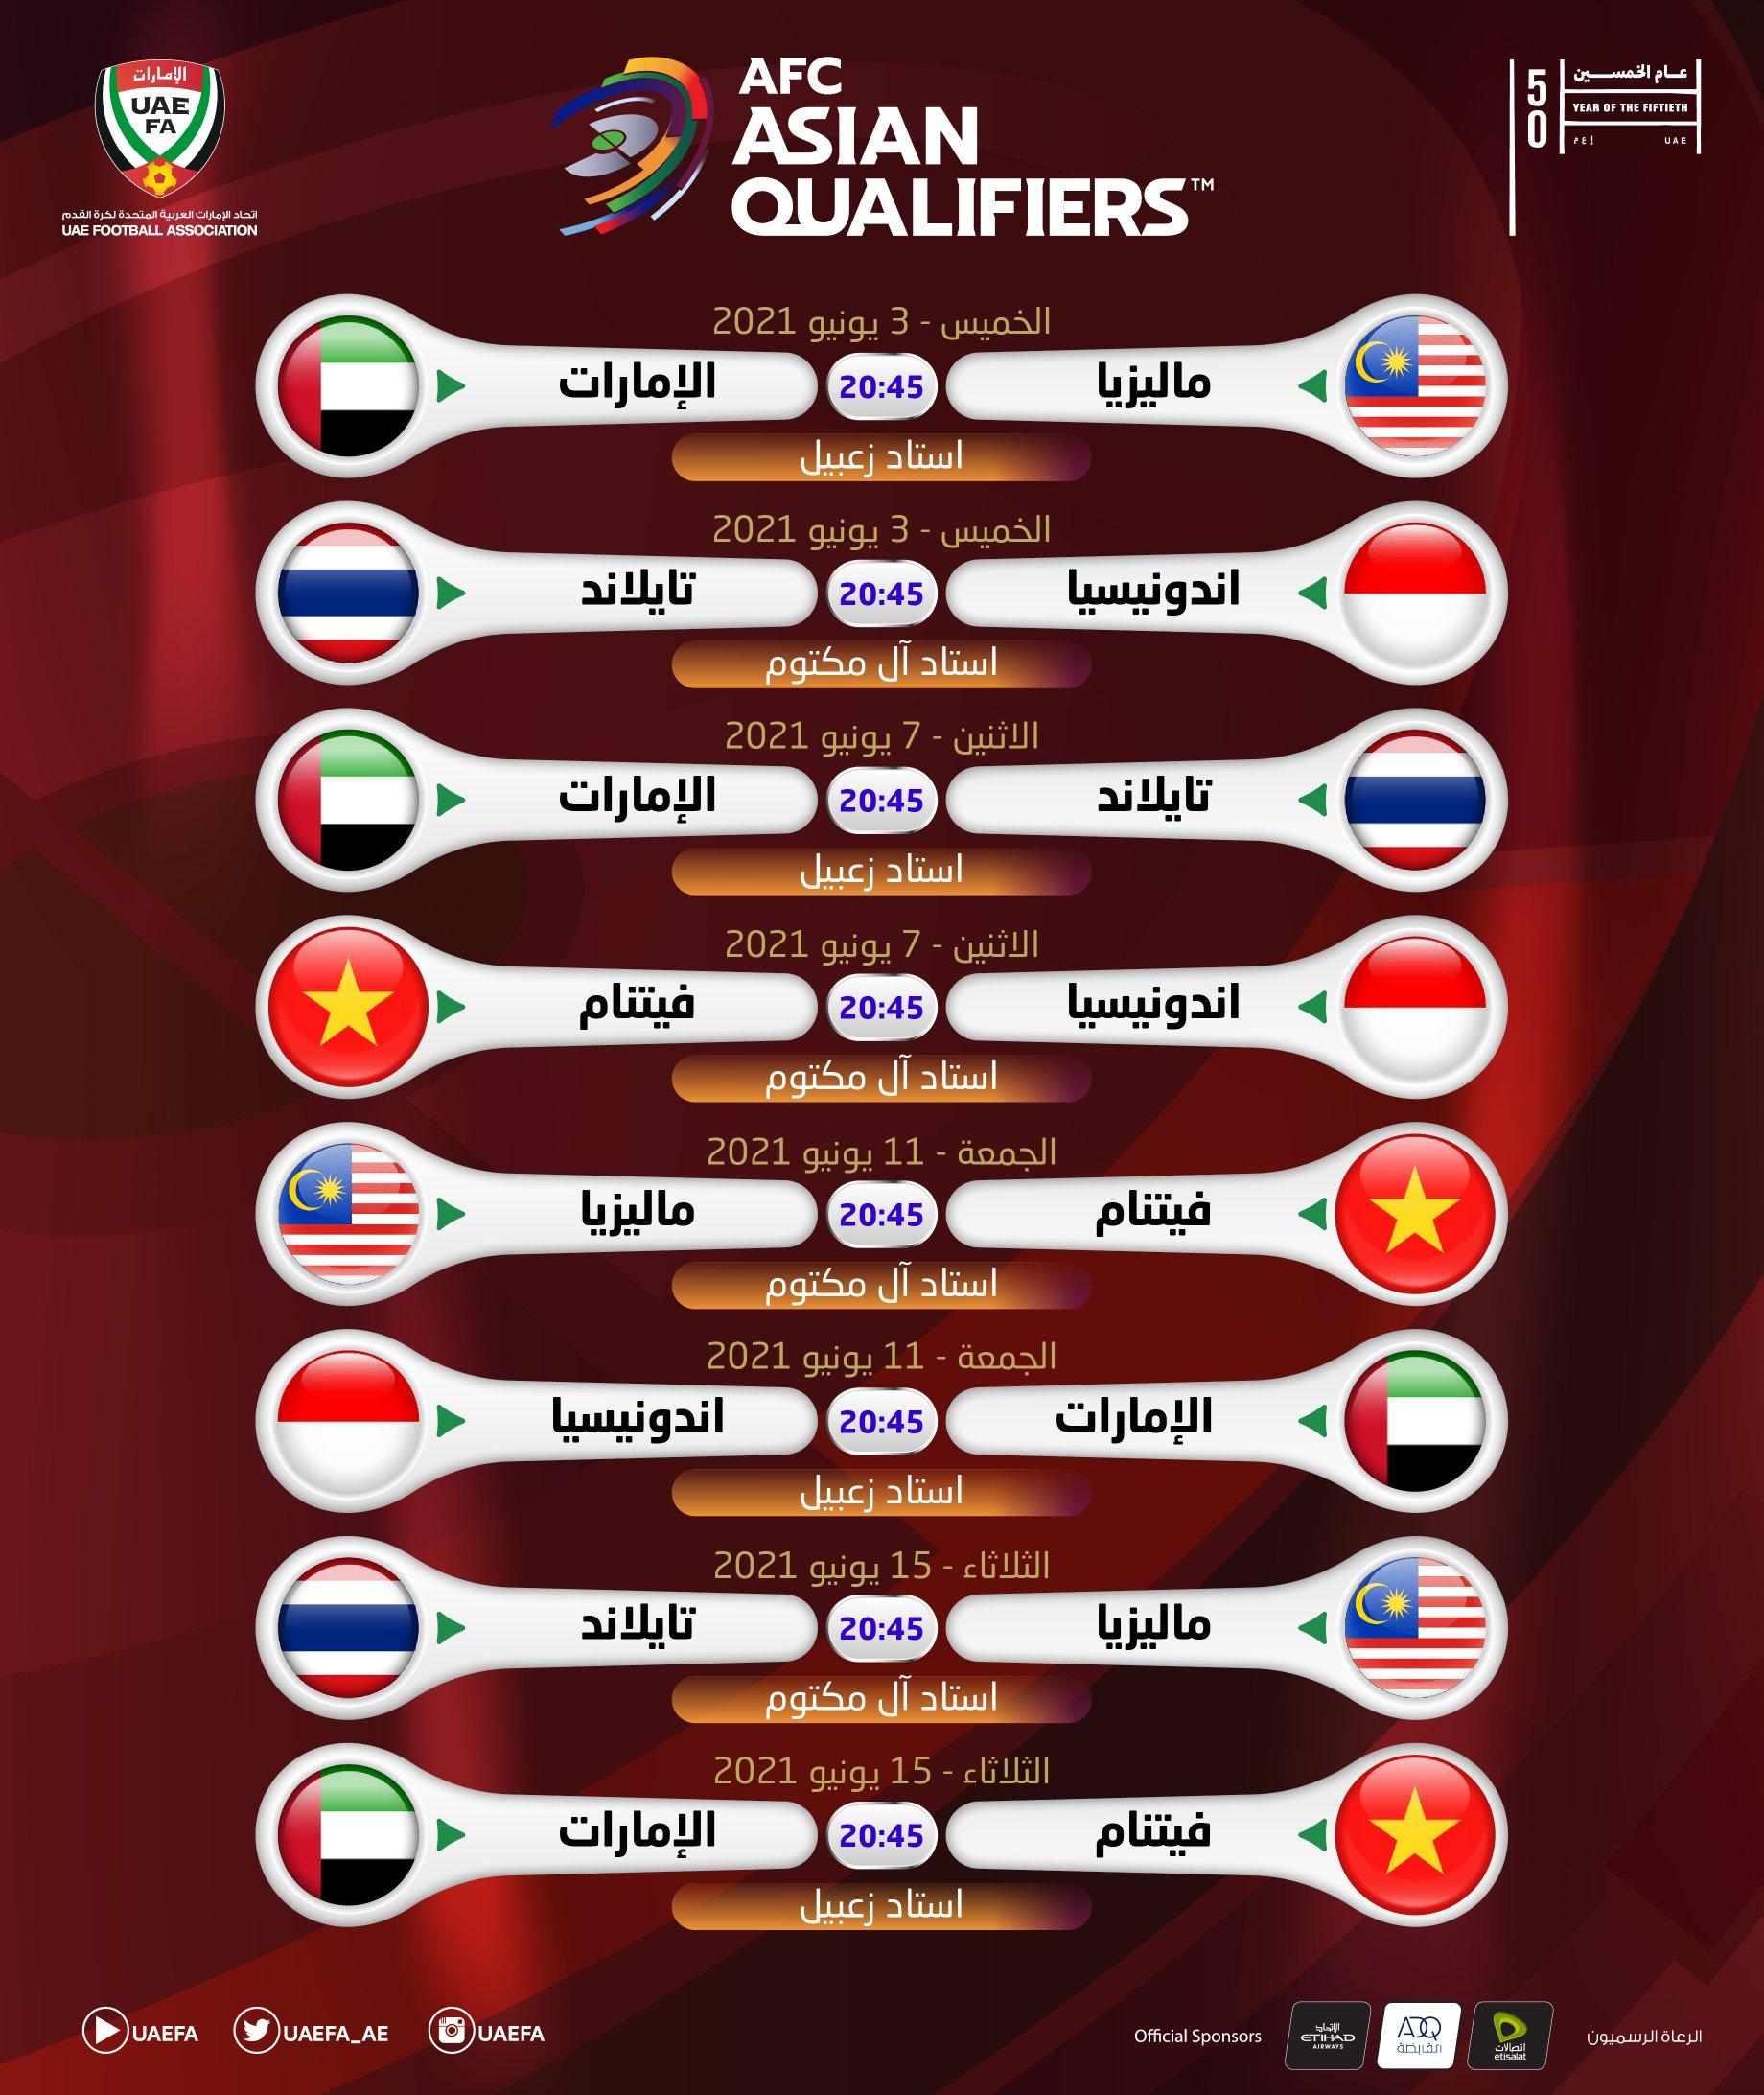 جدول مباريات منتخب الامارات في تصفيات كاس العالم 2022